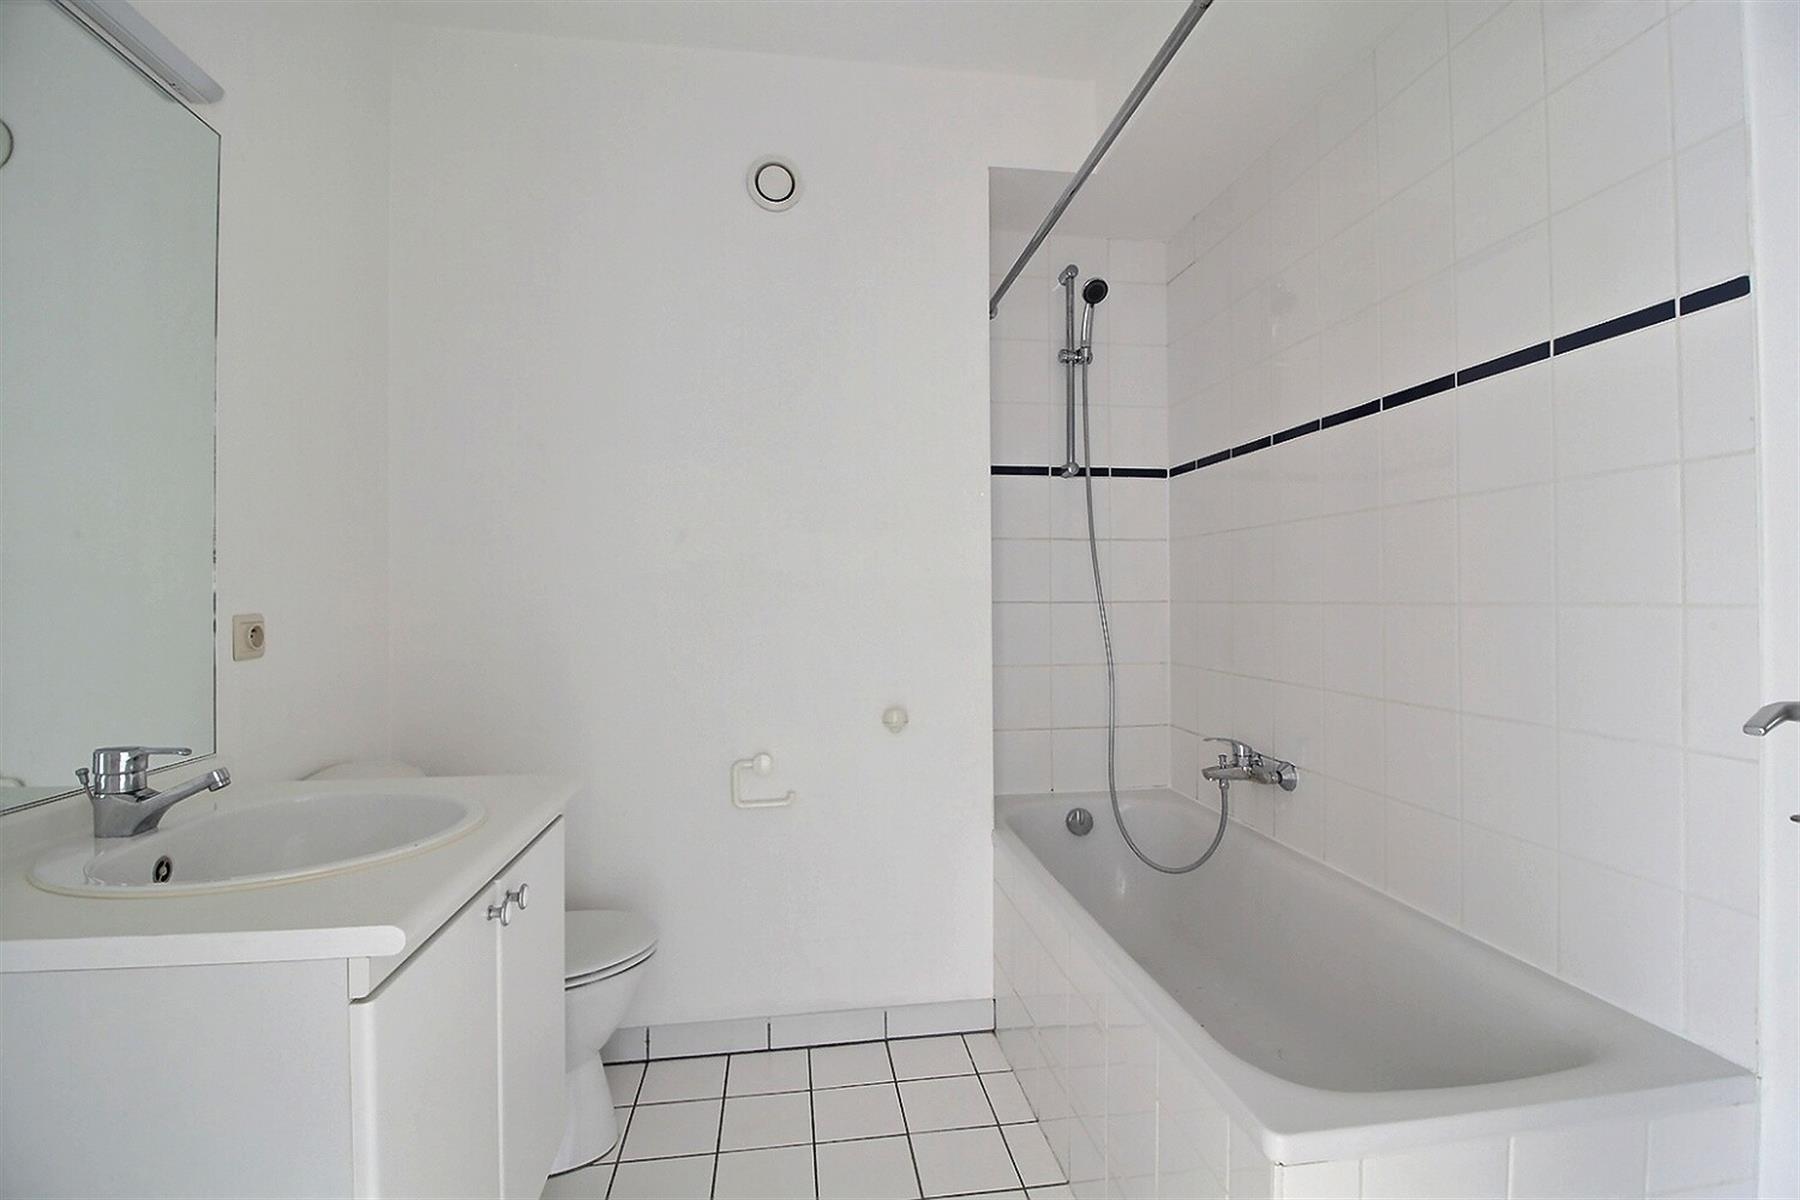 Appartement - Ottignies-Louvain-la-Neuve Louvain-la-Neuve - #4445203-4